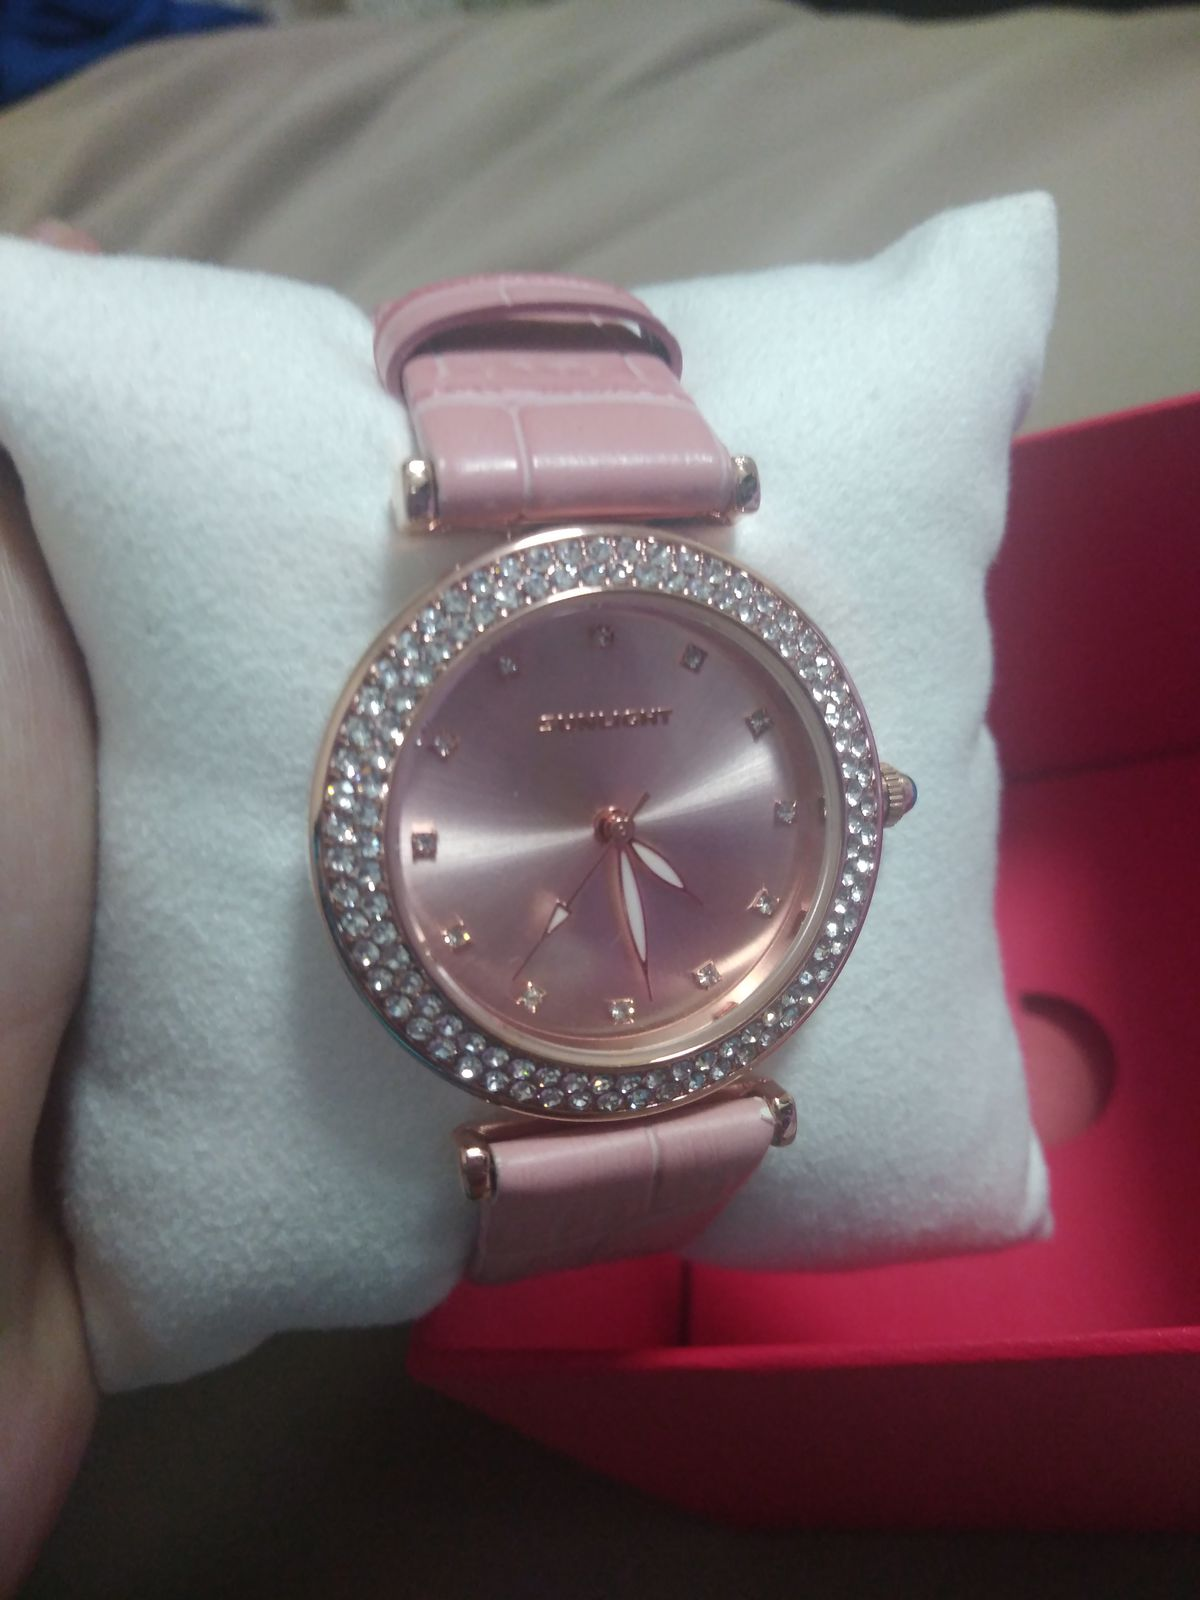 Побыла в магазине, чтобы приобрести часы для себя.